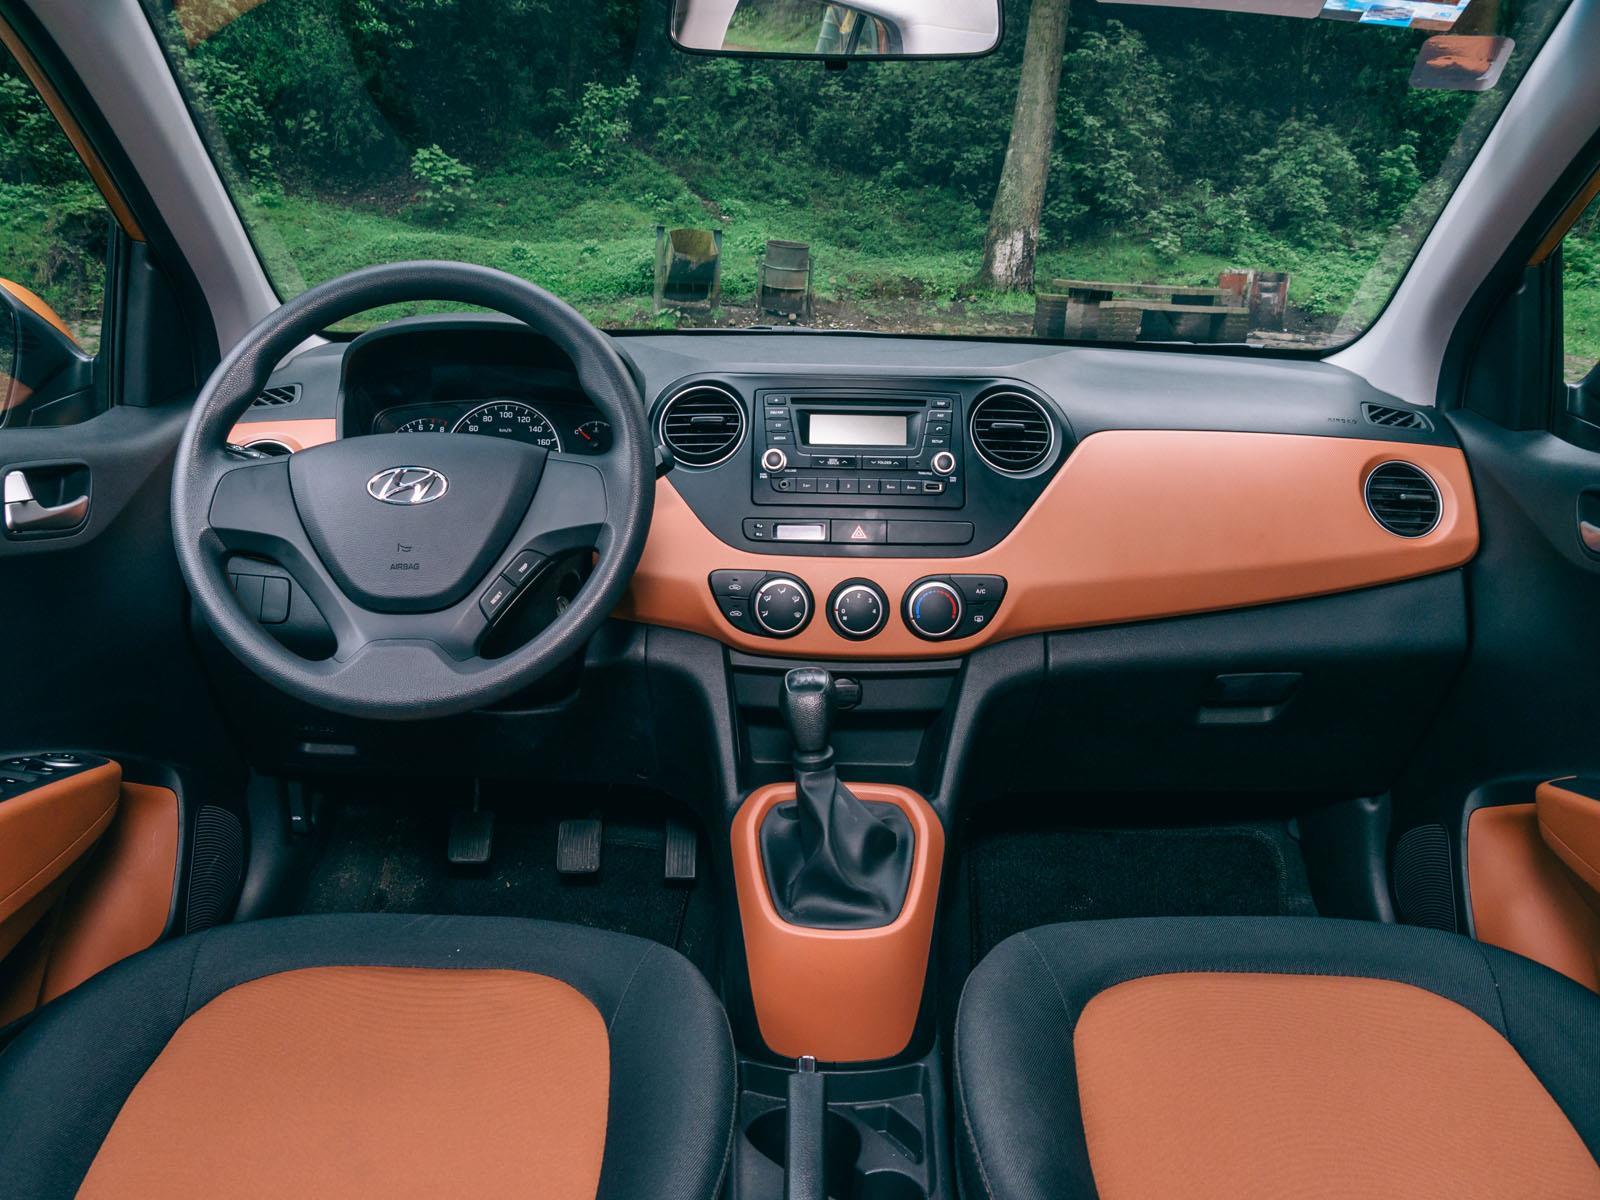 Hyundai Grand i10 2015 llega a México desde $131,900 pesos